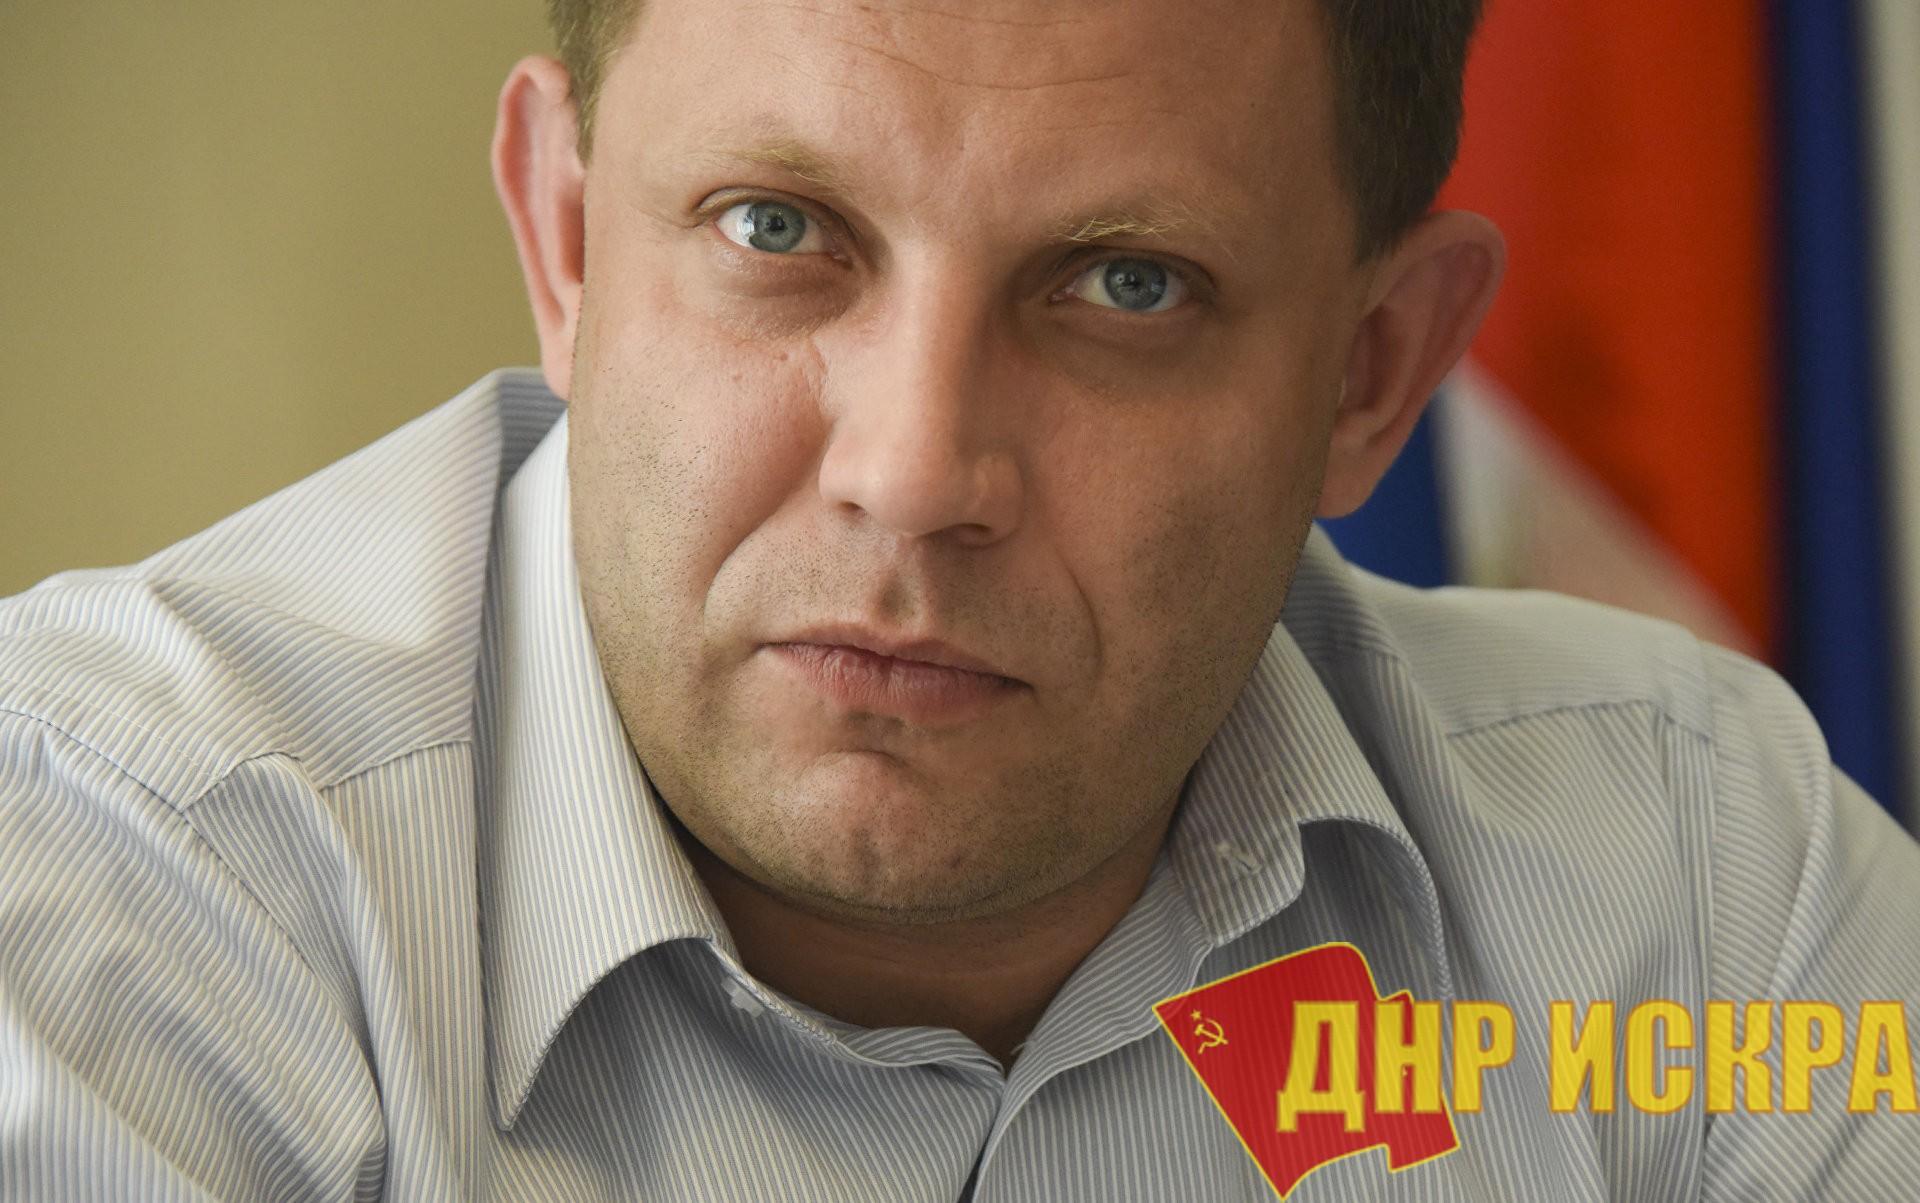 Власти Германии признали покушение на главу самопровозглашенной Донецкой Народной Республики политическим убийством